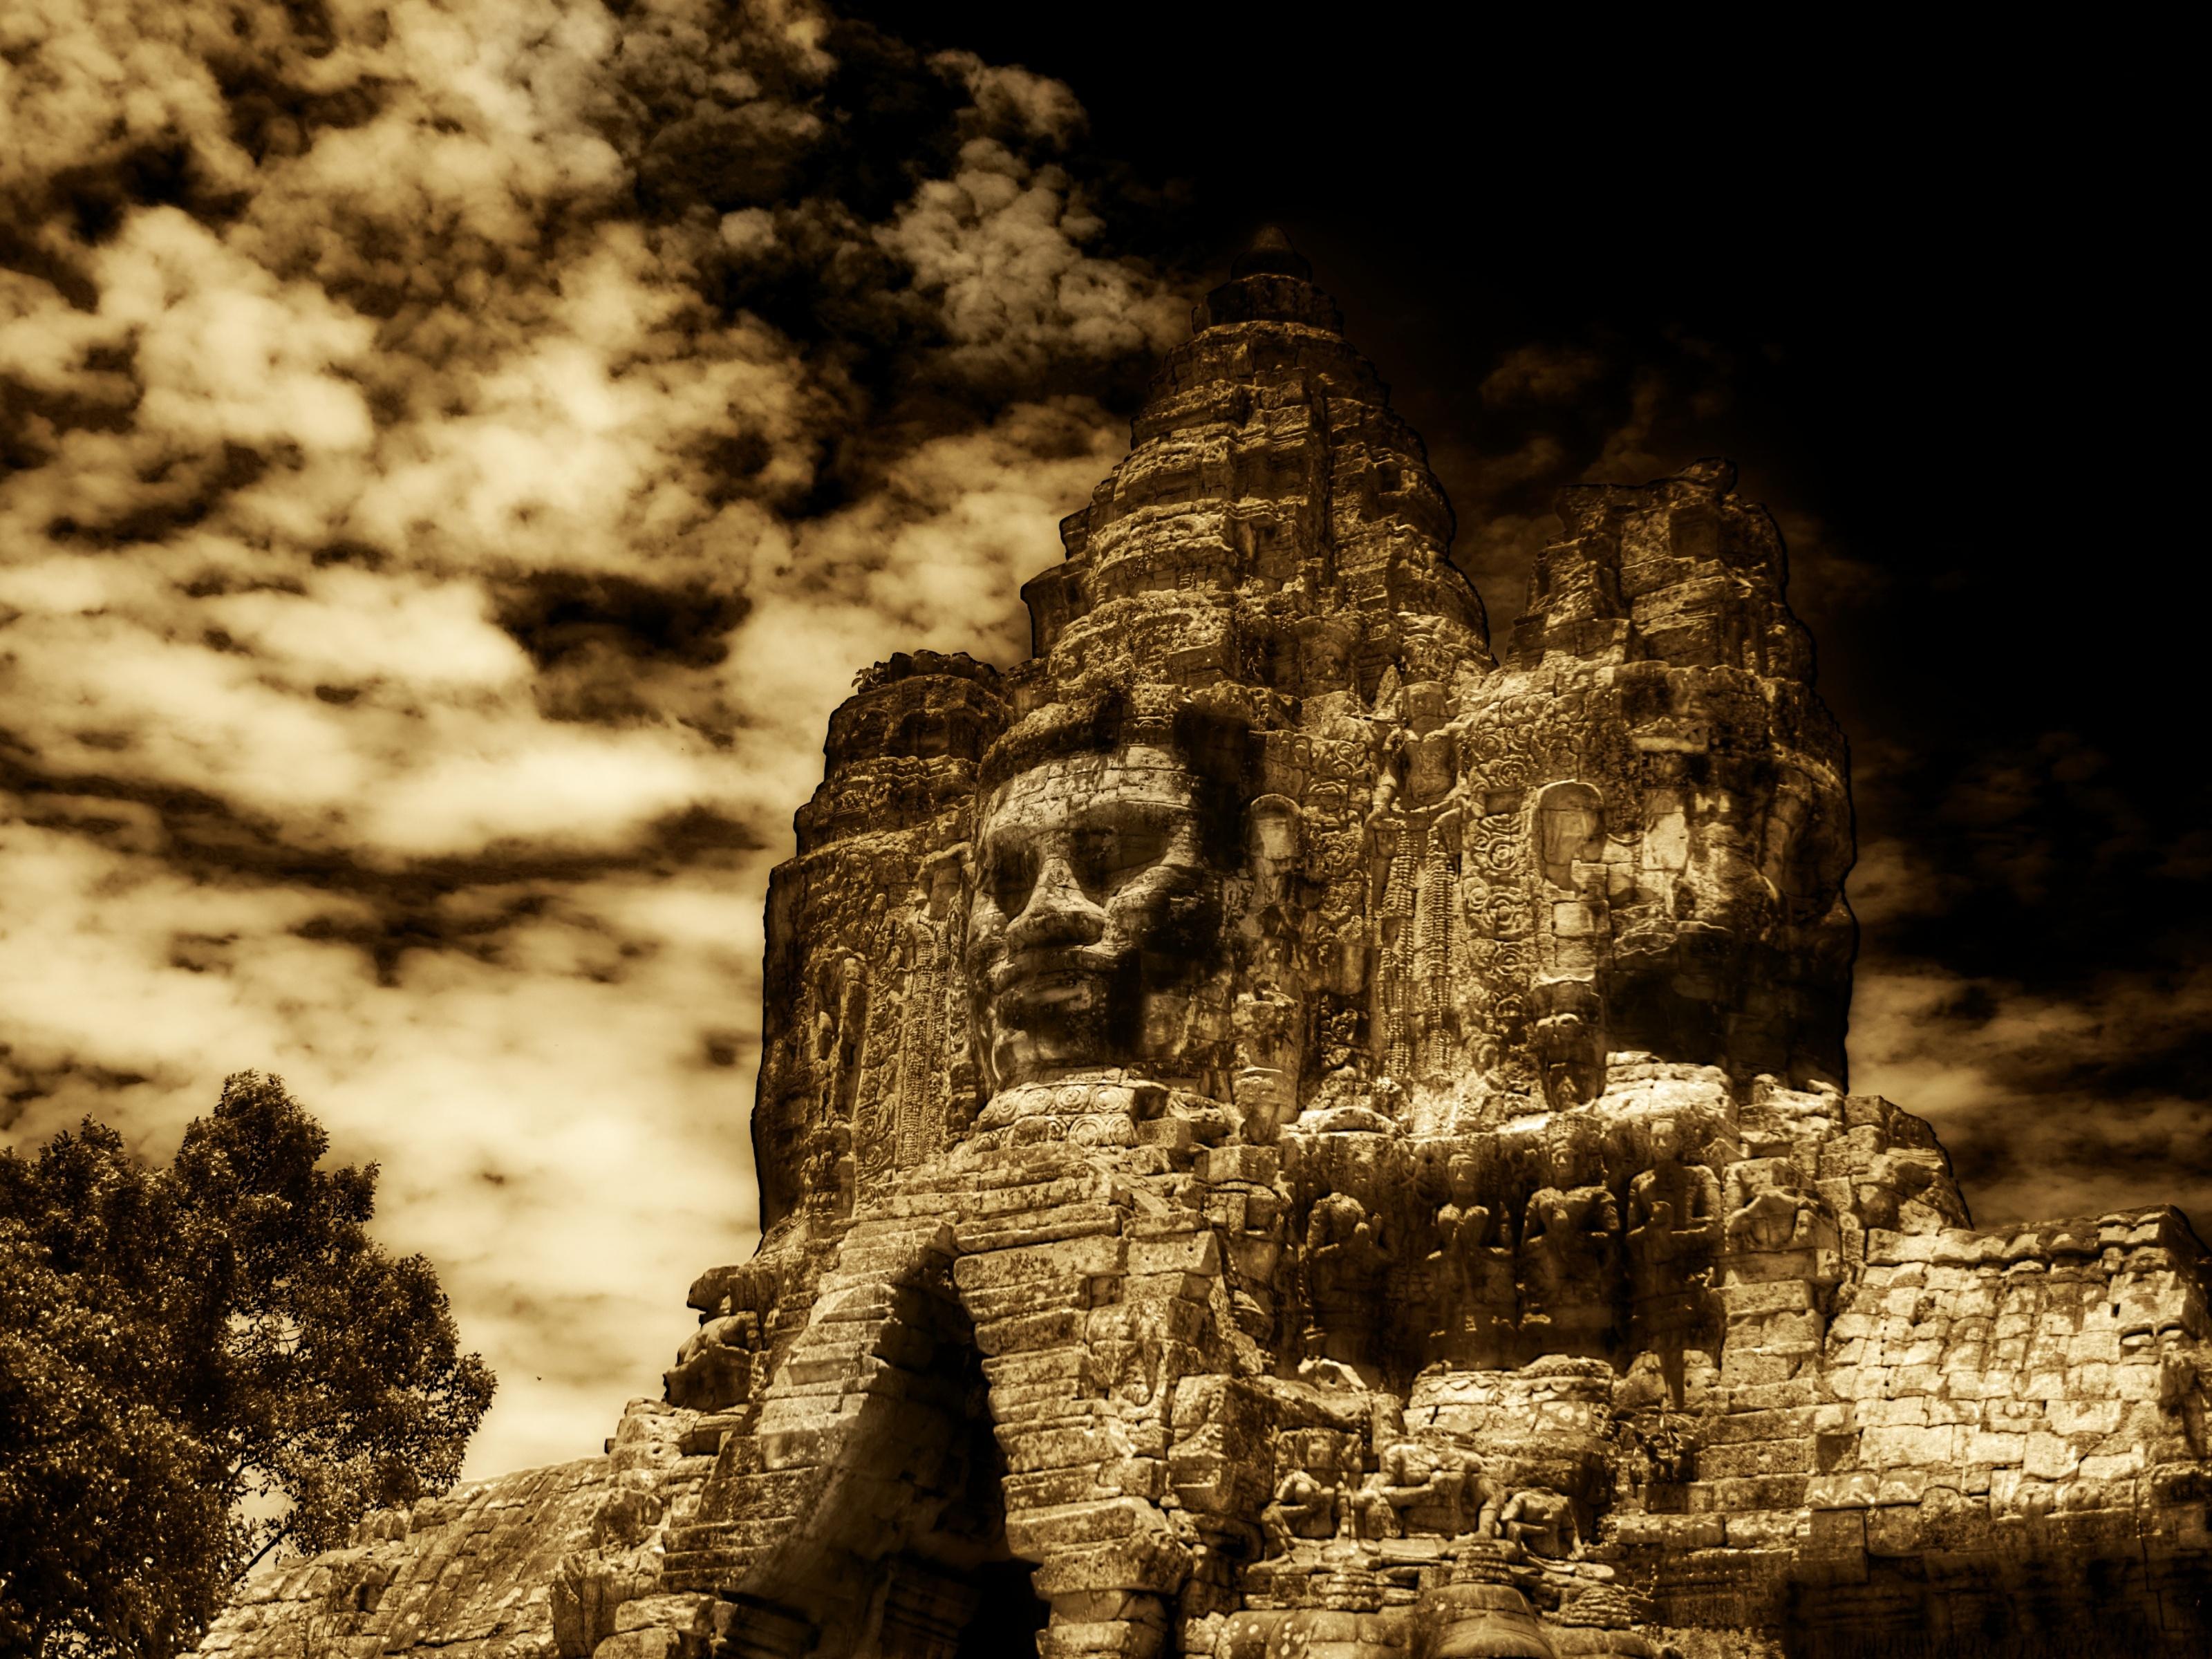 Buddha Hd Wallpaper 1080p Angkor Wat Hd Wallpaper Pixelstalk Net